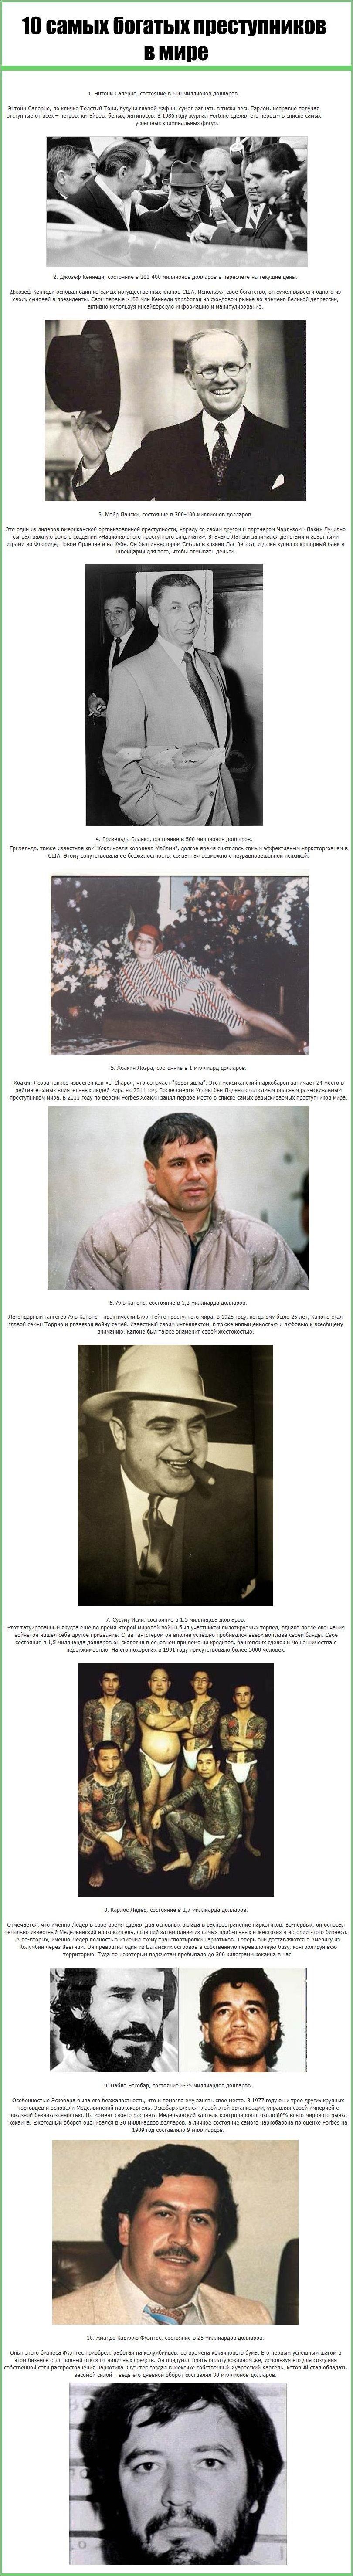 Самые богатые преступники ХХ века